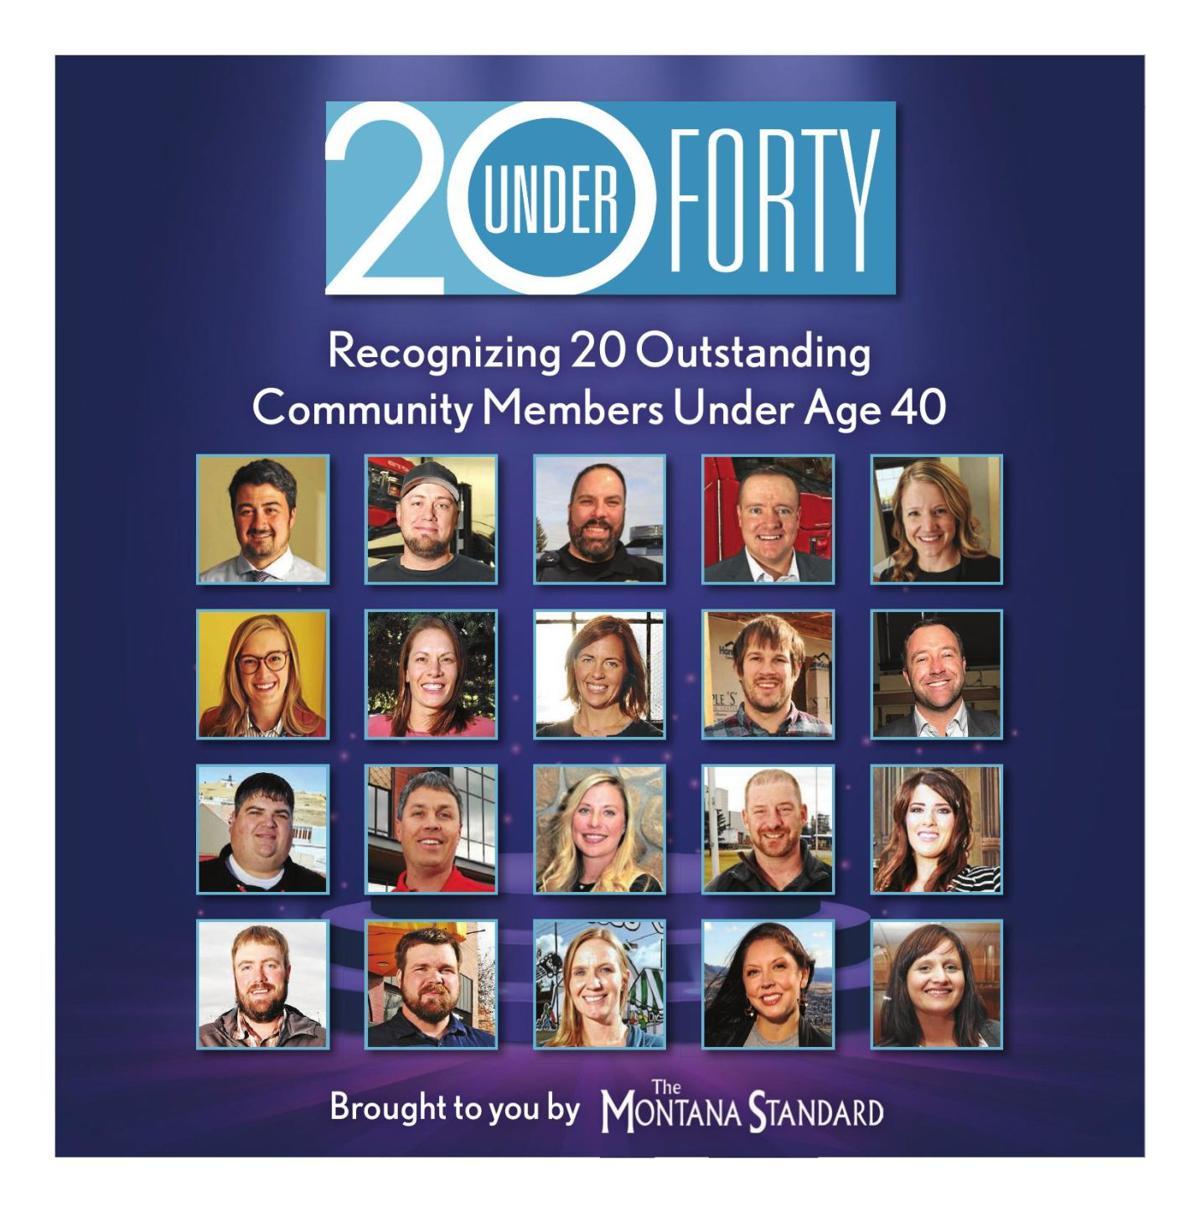 20 Under 40 2019